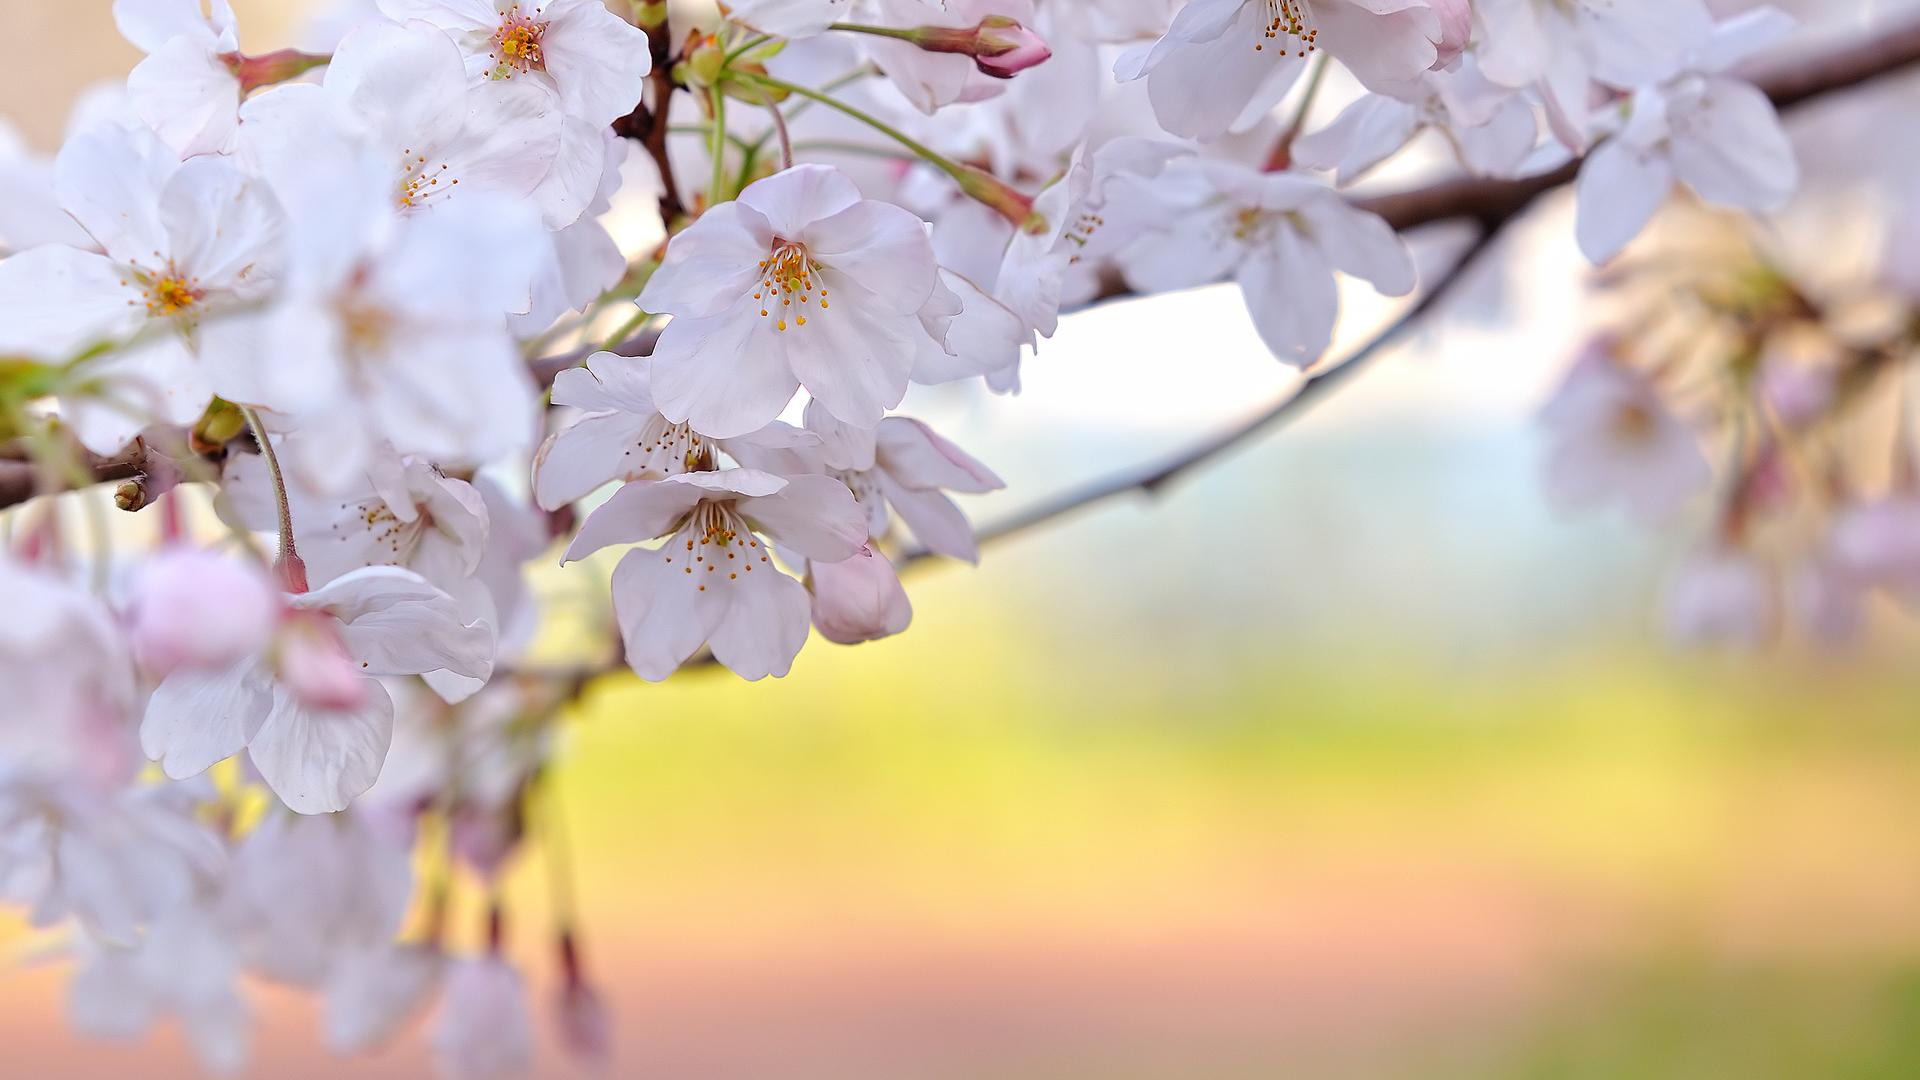 Fall Flower Computer Wallpaper Cherry Blossom Backgrounds Pixelstalk Net